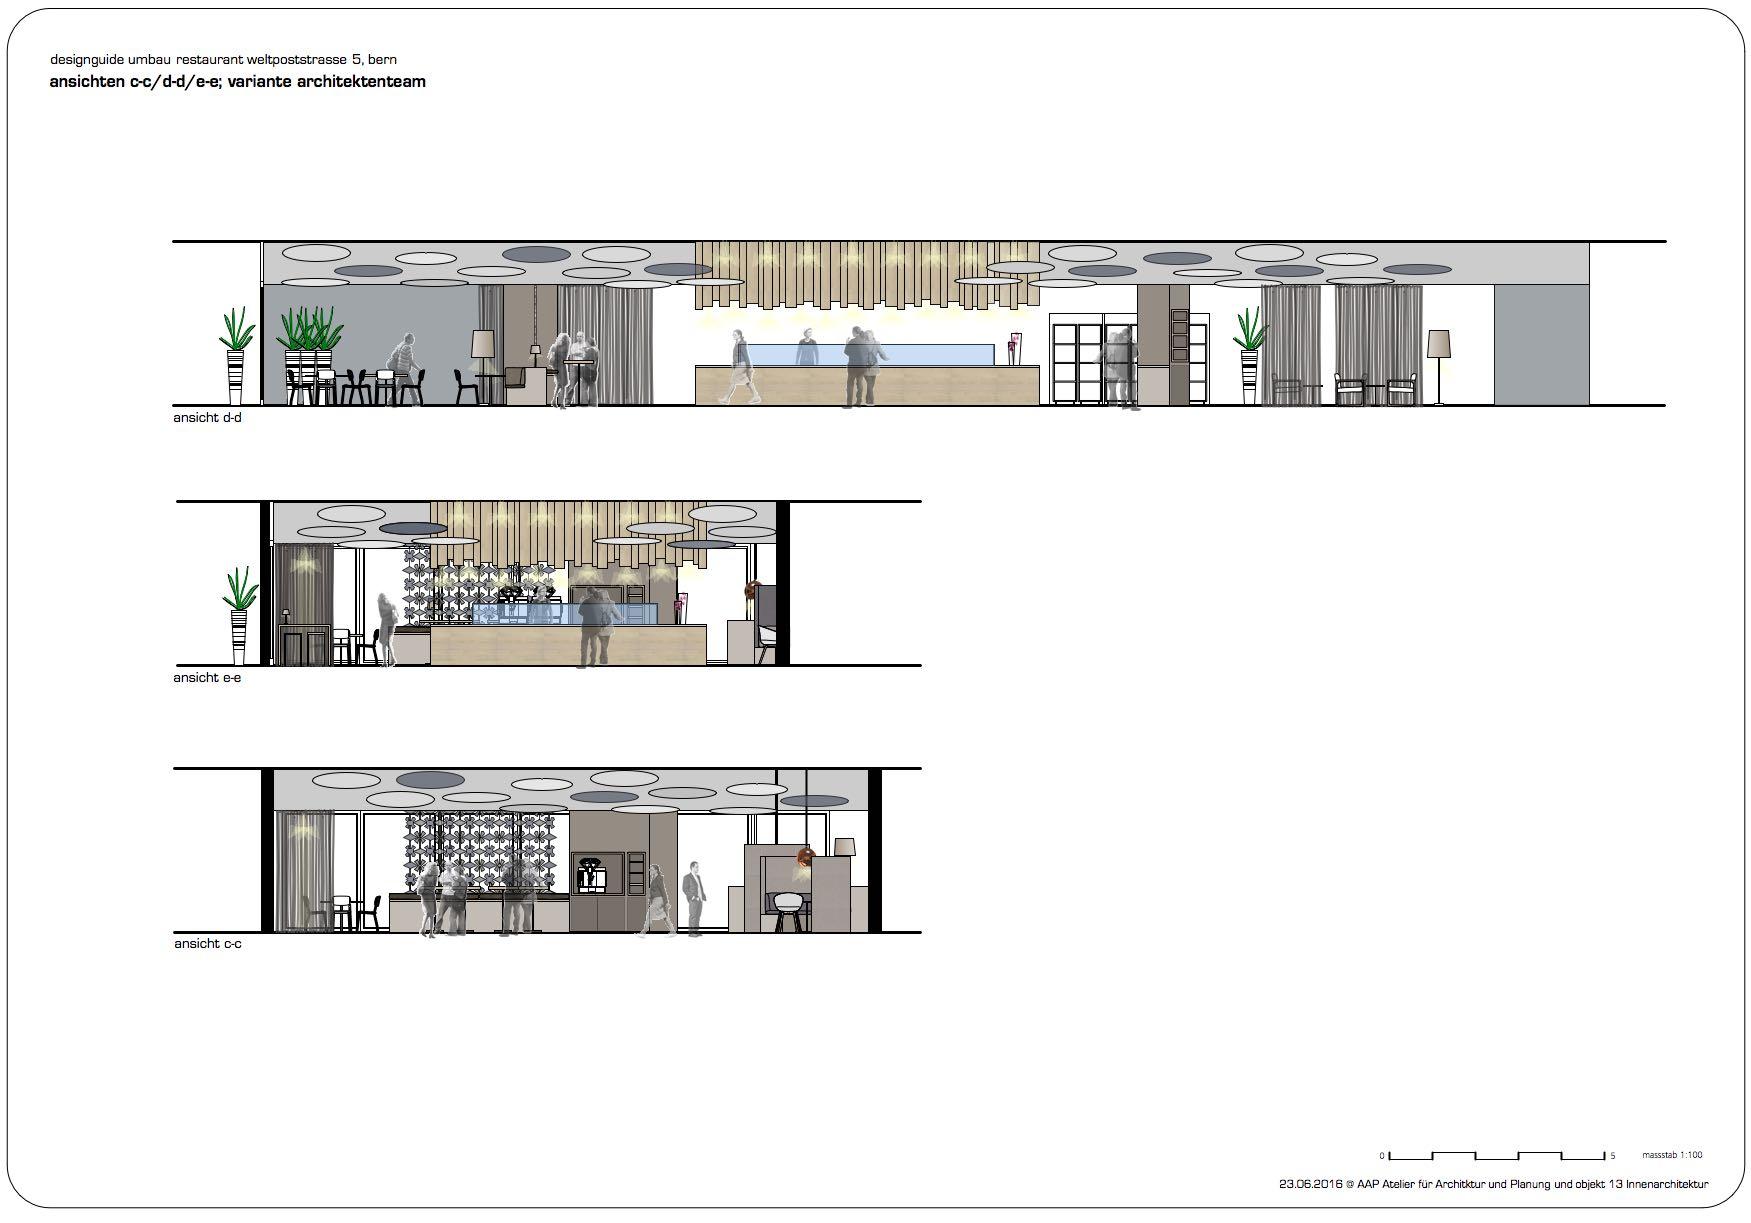 restaurant-gastrokonzept-bern-zürich-innenarchitektur-innenarchitekt-objekt-13-05